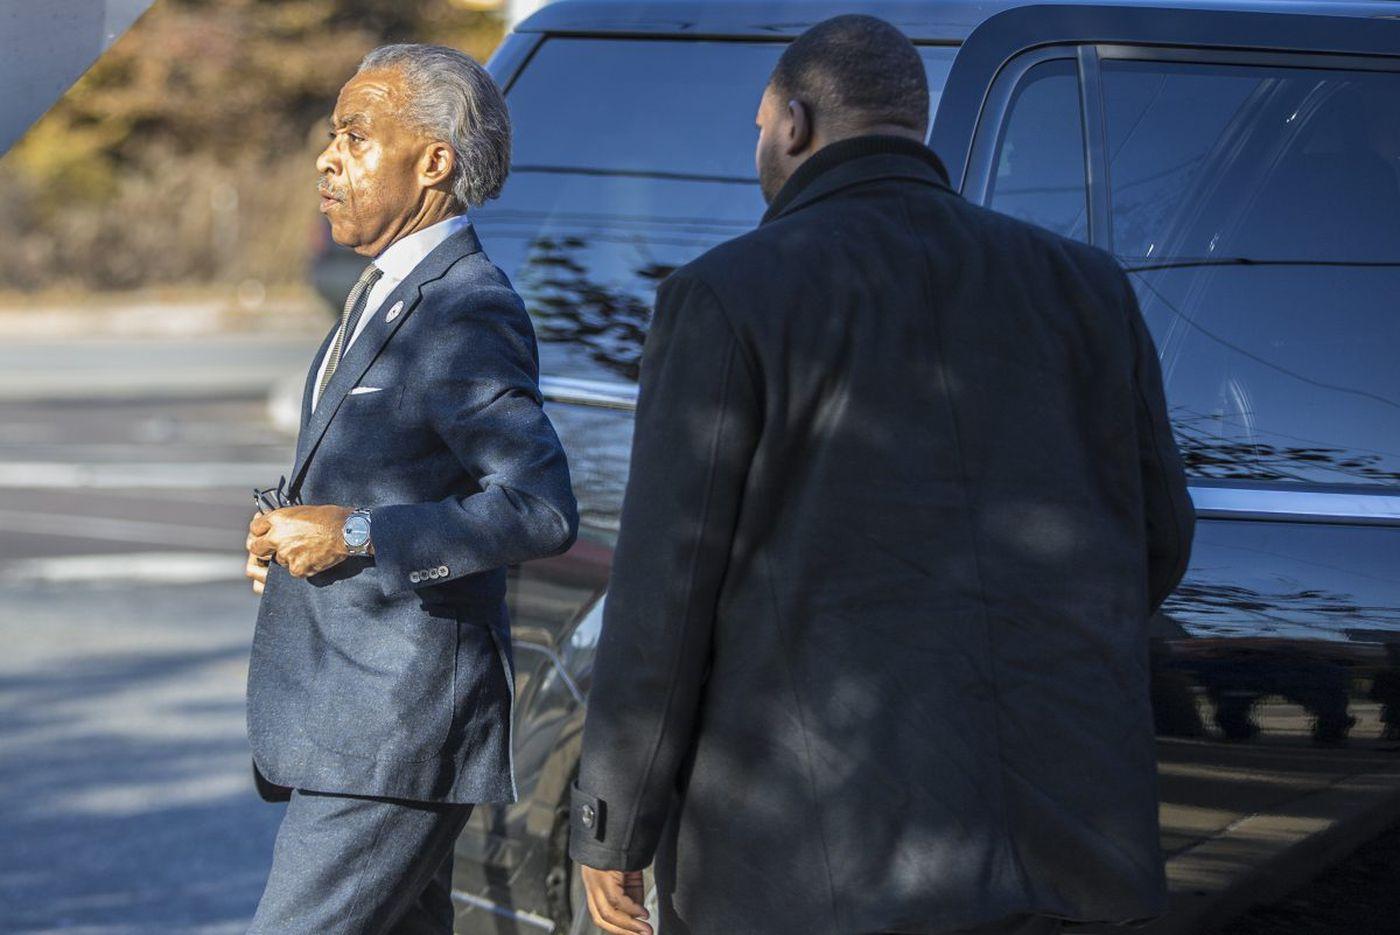 Rev. Al Sharpton visits imprisoned Philly rapper Meek Mill